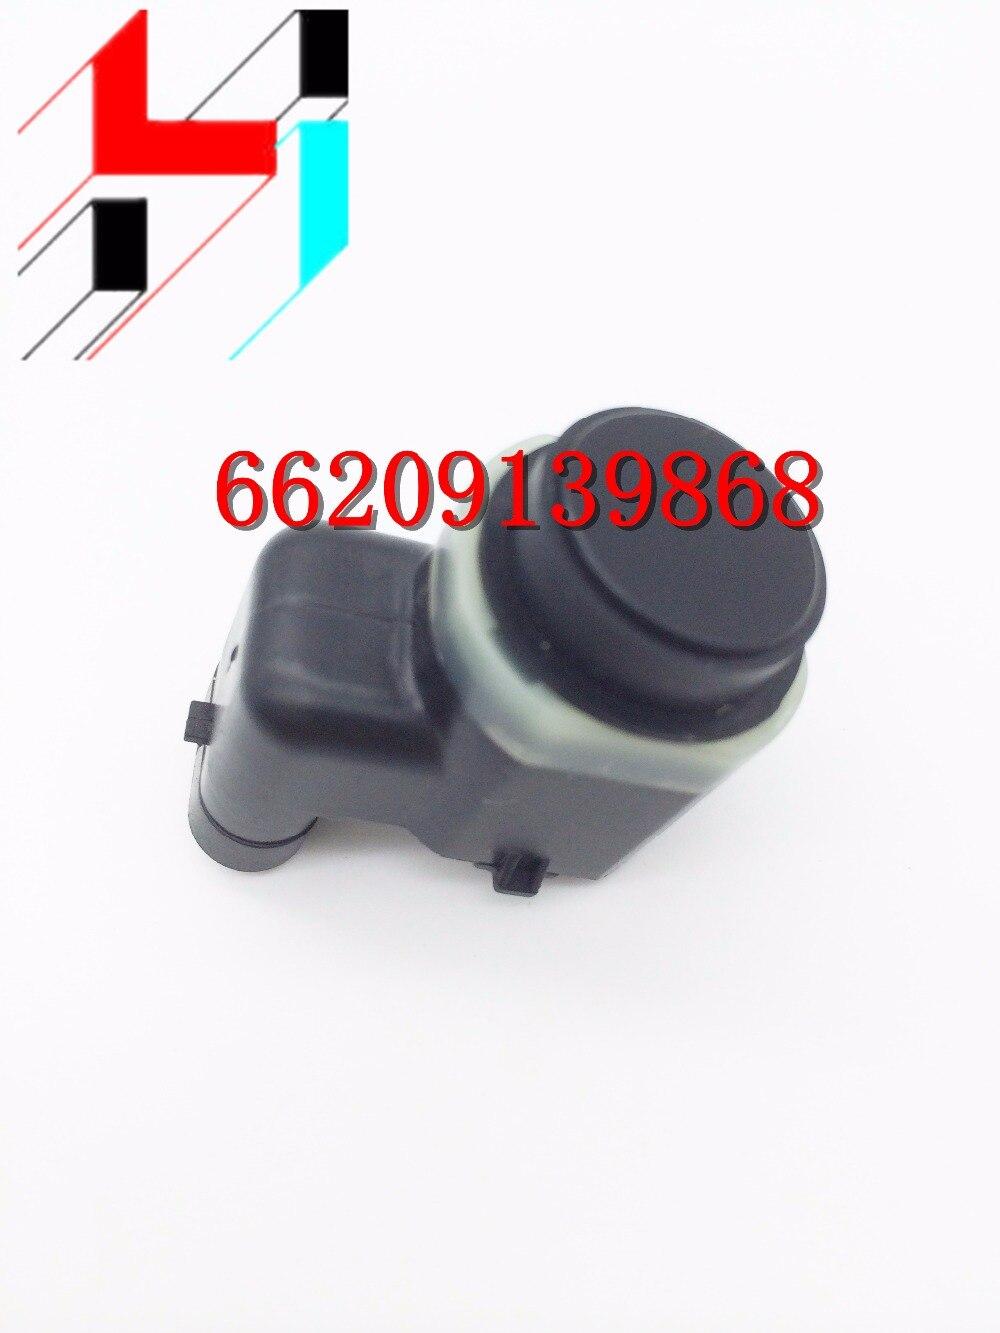 Parking PDC Reverse Sensor For 5er E60 E61 X3 X5 X6 E83 E70 E71 66209231287 66209139868 66209233037 9231287 9139868